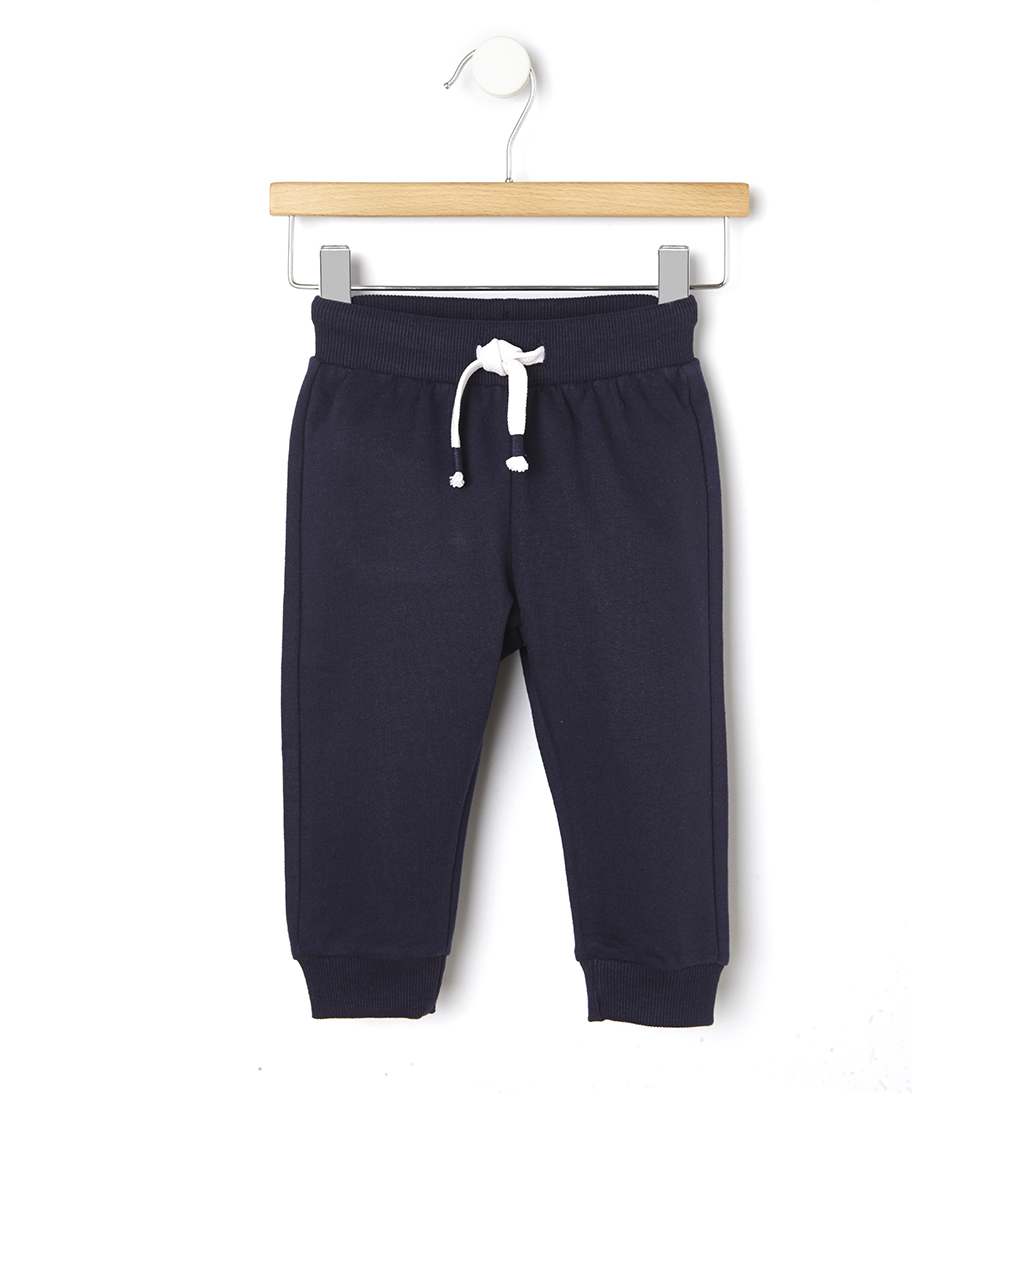 Παντελόνι Φόρμας Basic Μπλε Σκούρο για Αγόρι